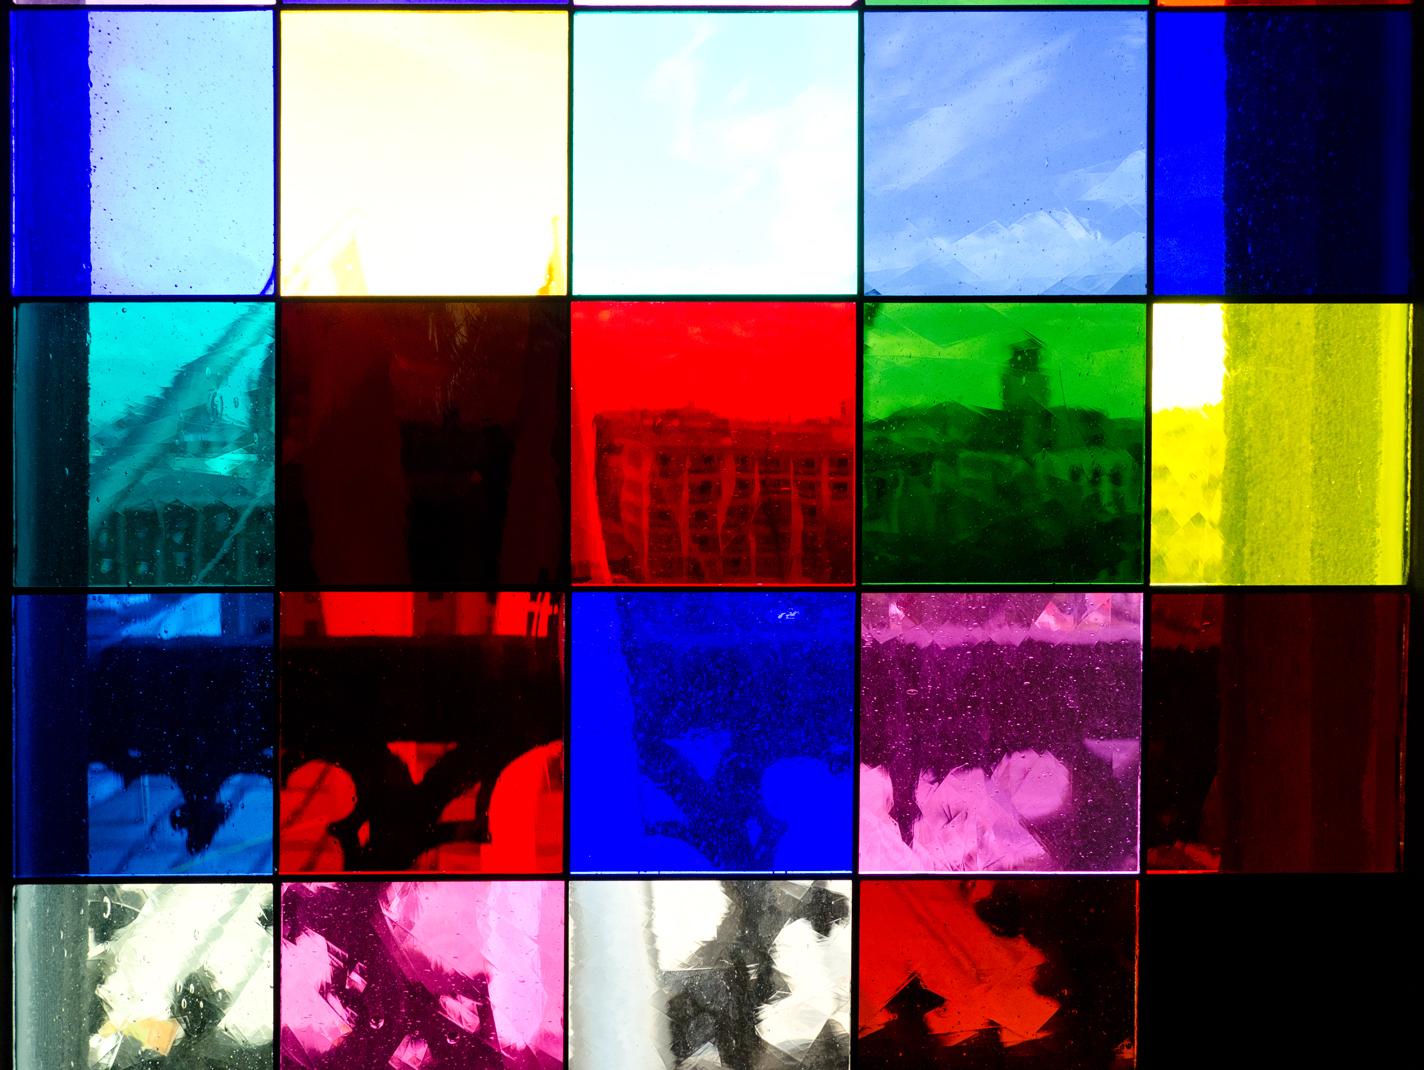 Richterfenster 1